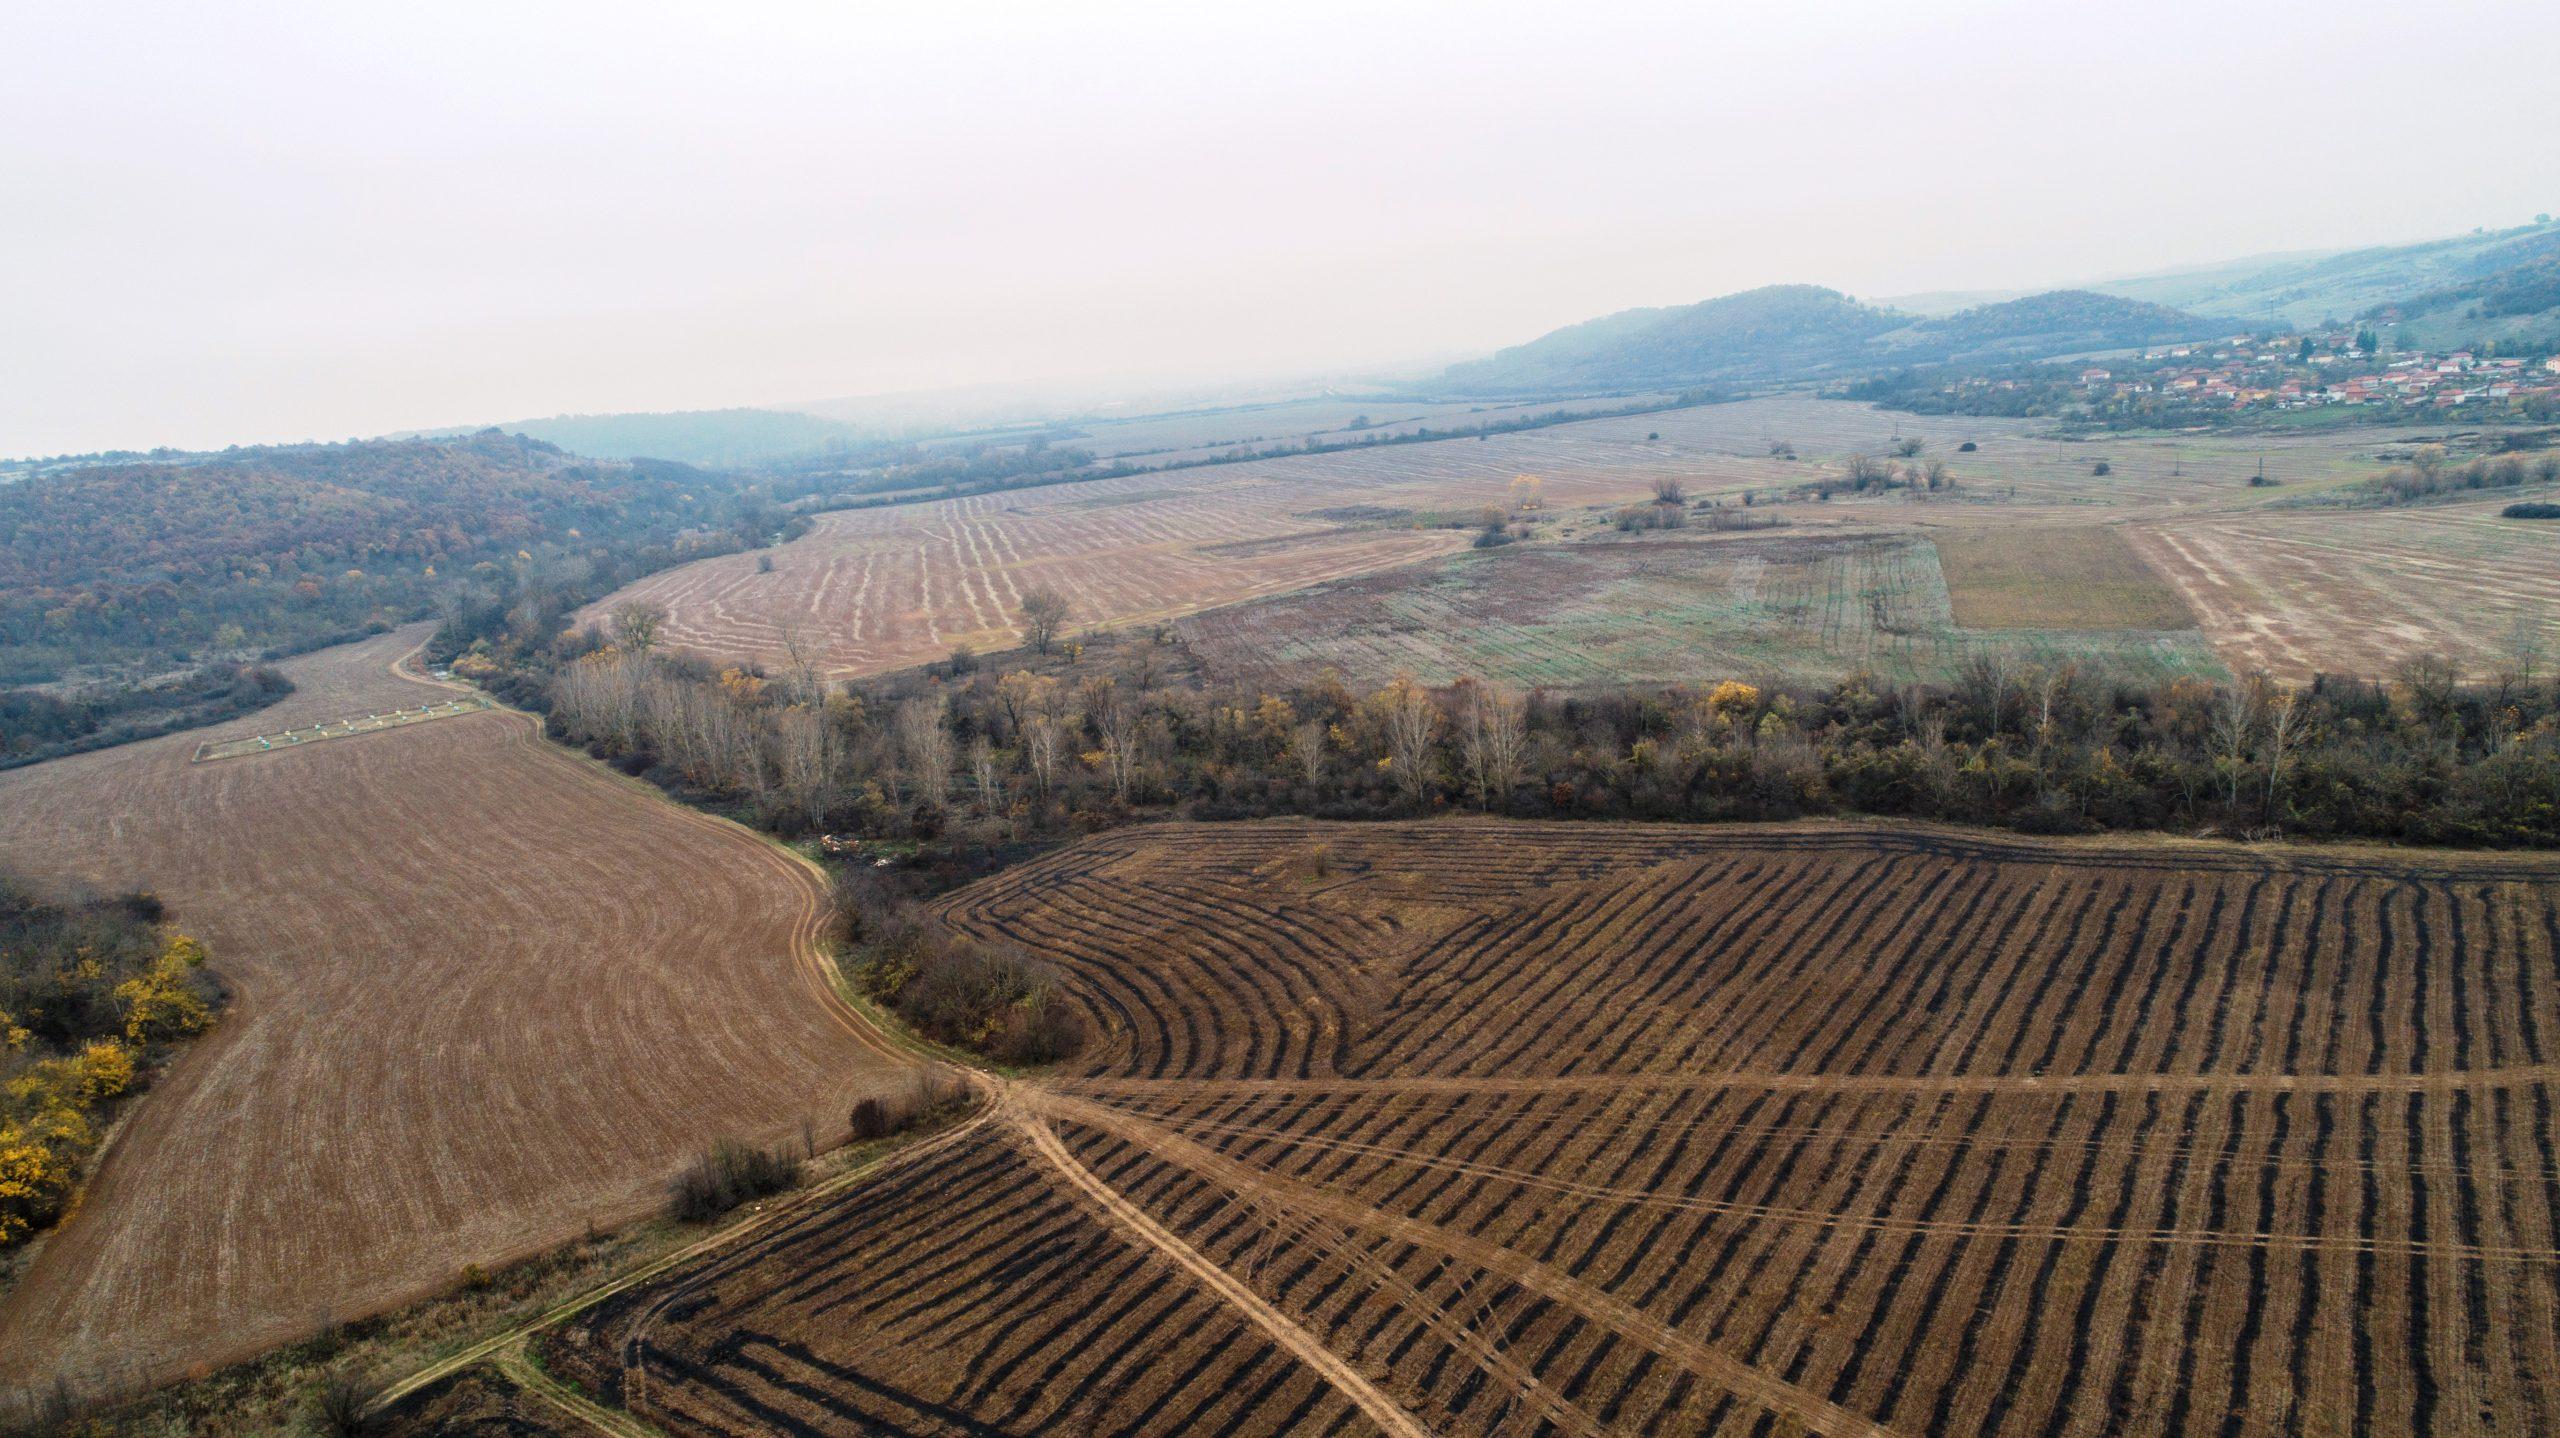 Списък на засегнати имоти от кариера в землищата на Палилула и Охрид